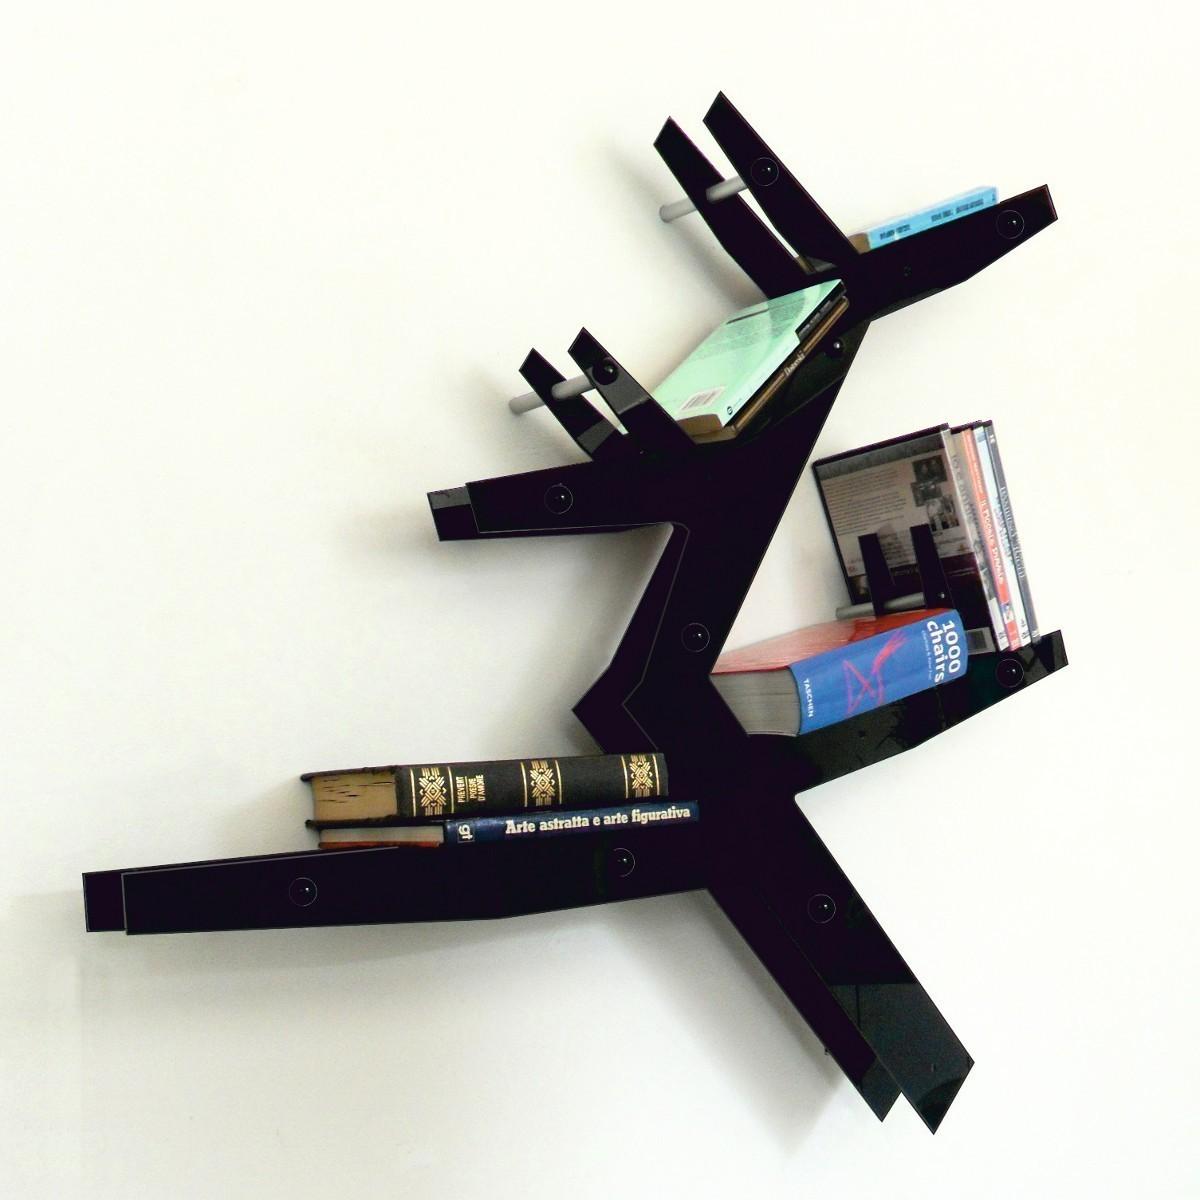 Libreria da parete plextree in metacrilato a forma di albero - Libreria a parete ...